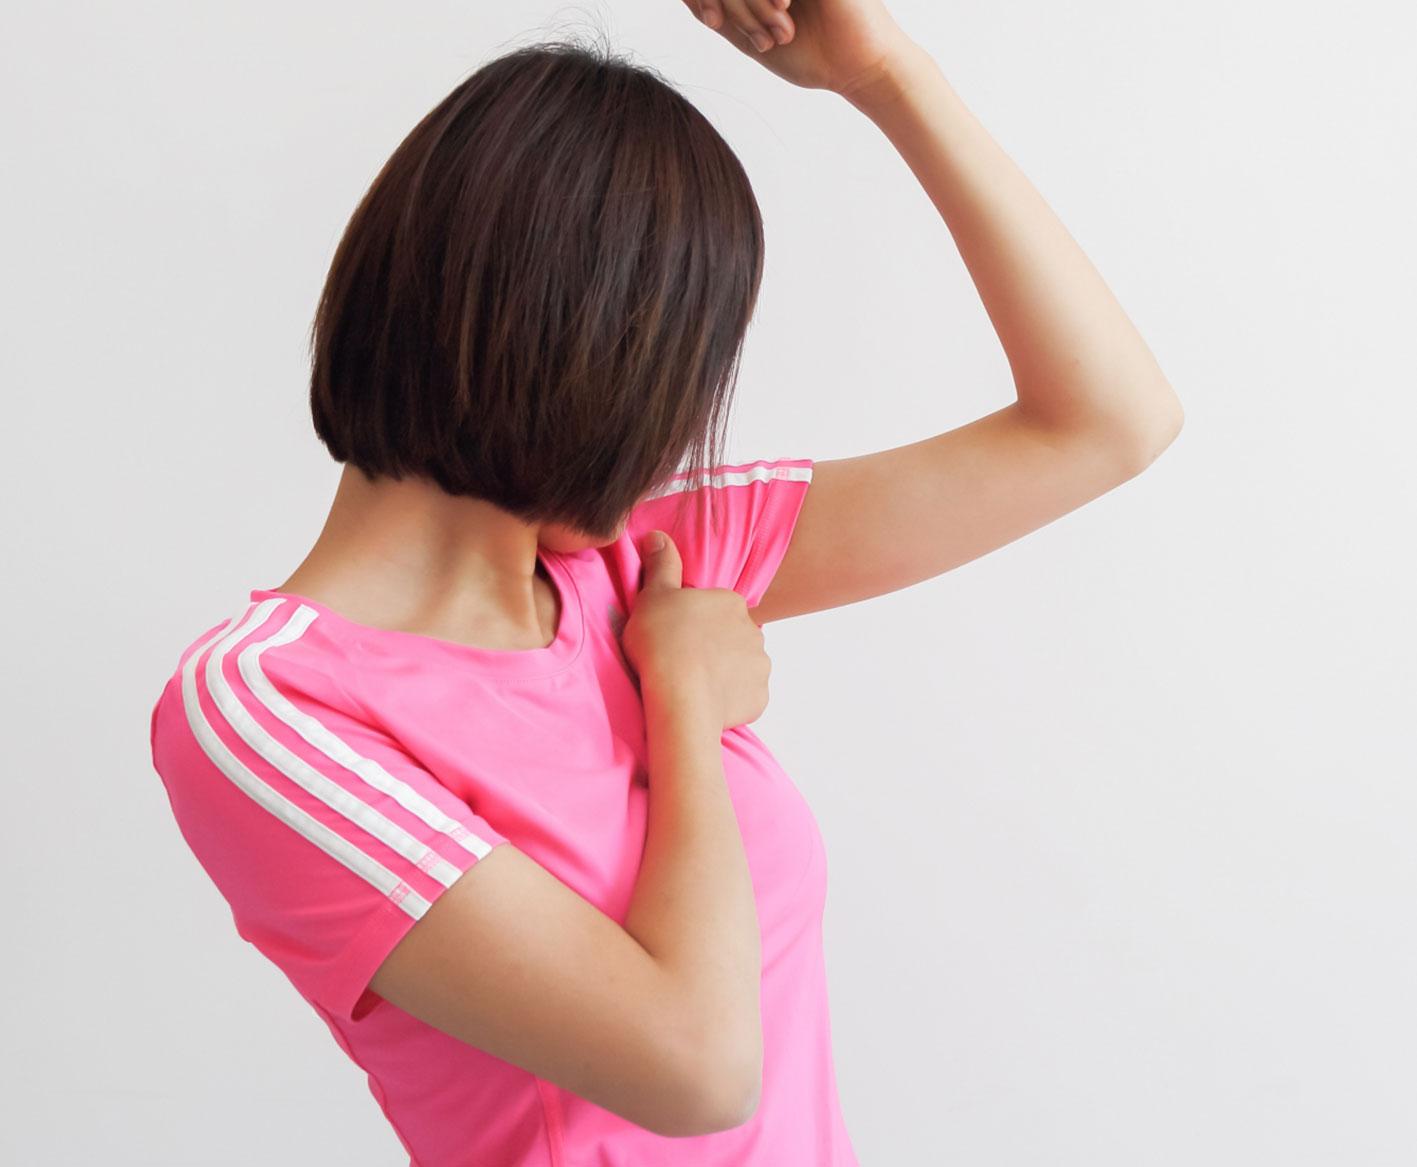 梅田美容皮膚科の多汗症 簡単セルフチェック